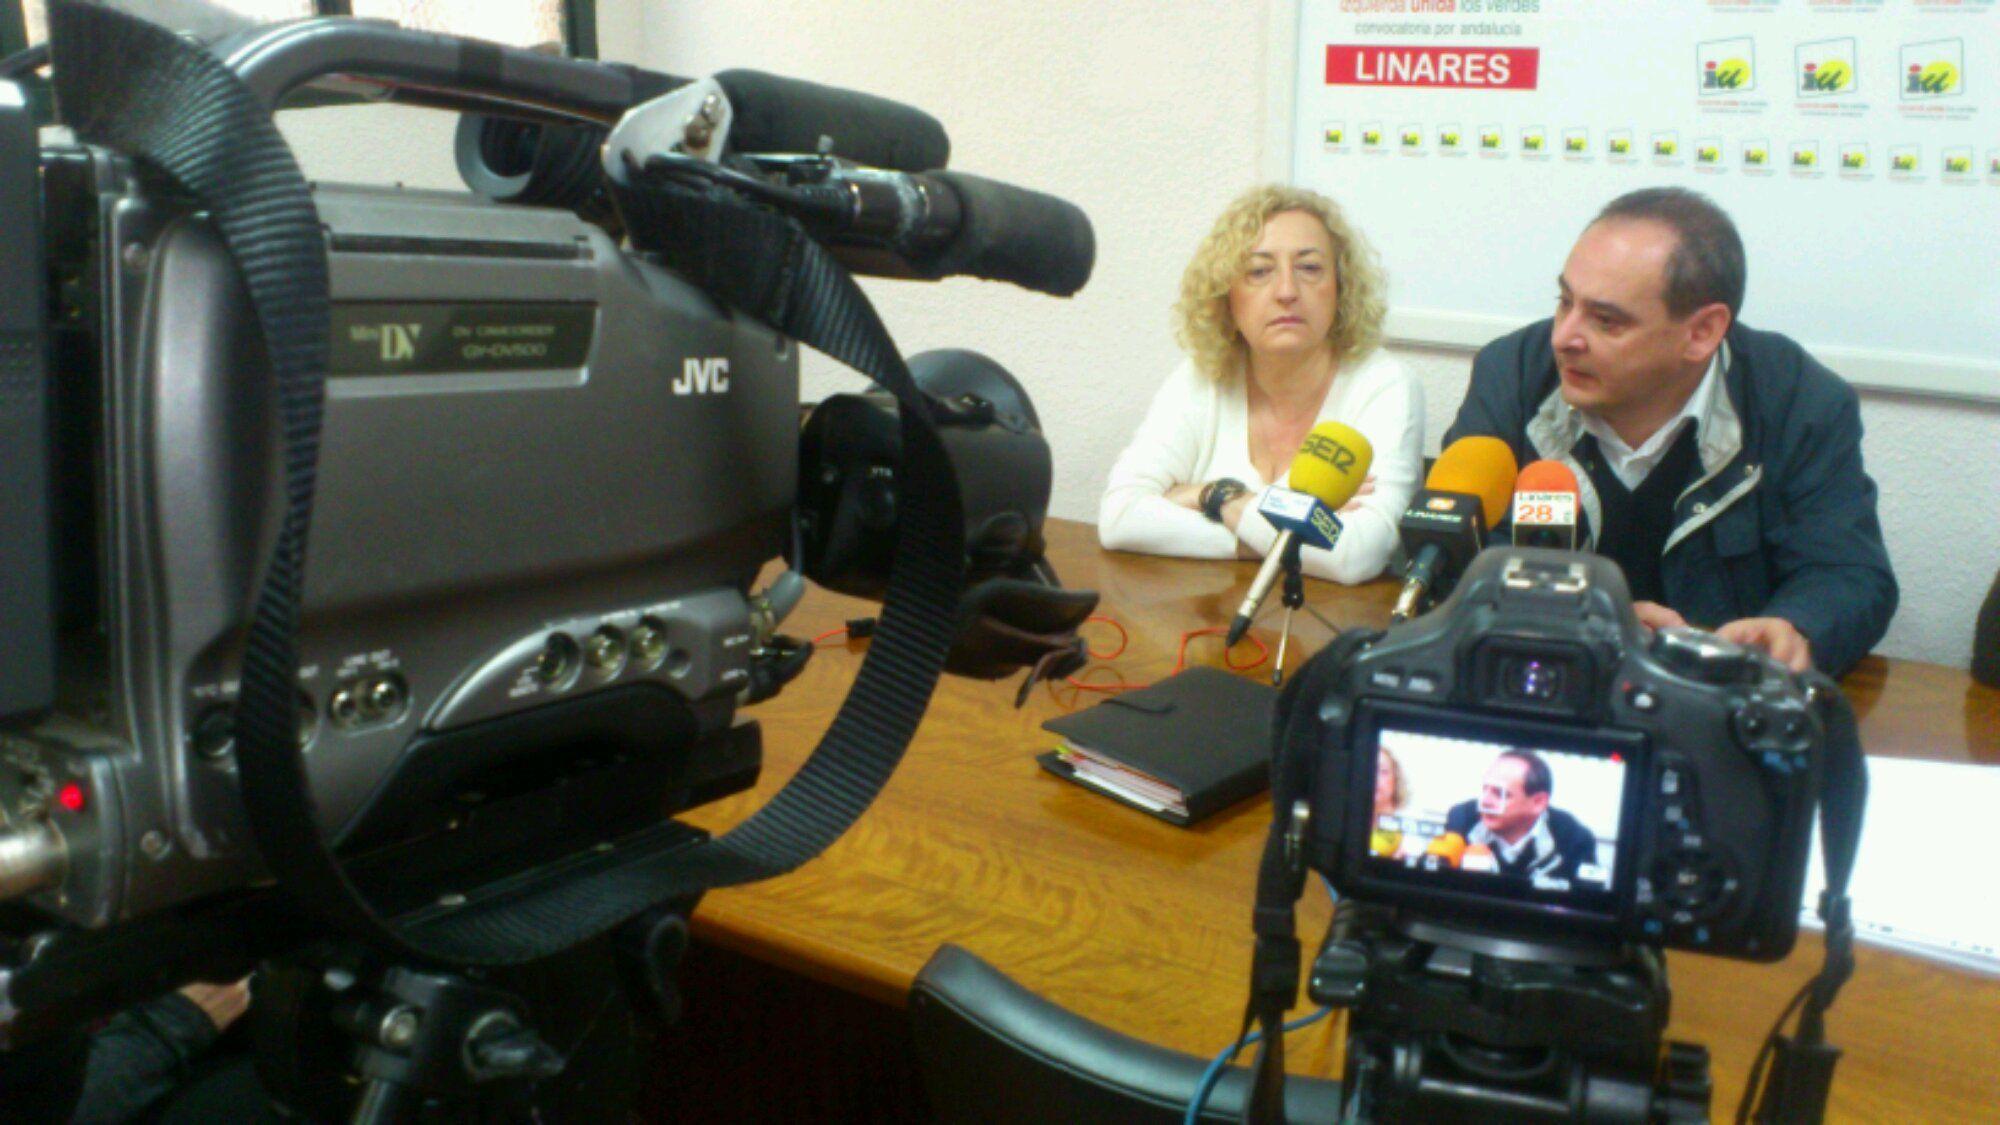 En estos momentos rueda de prensa de EPSA